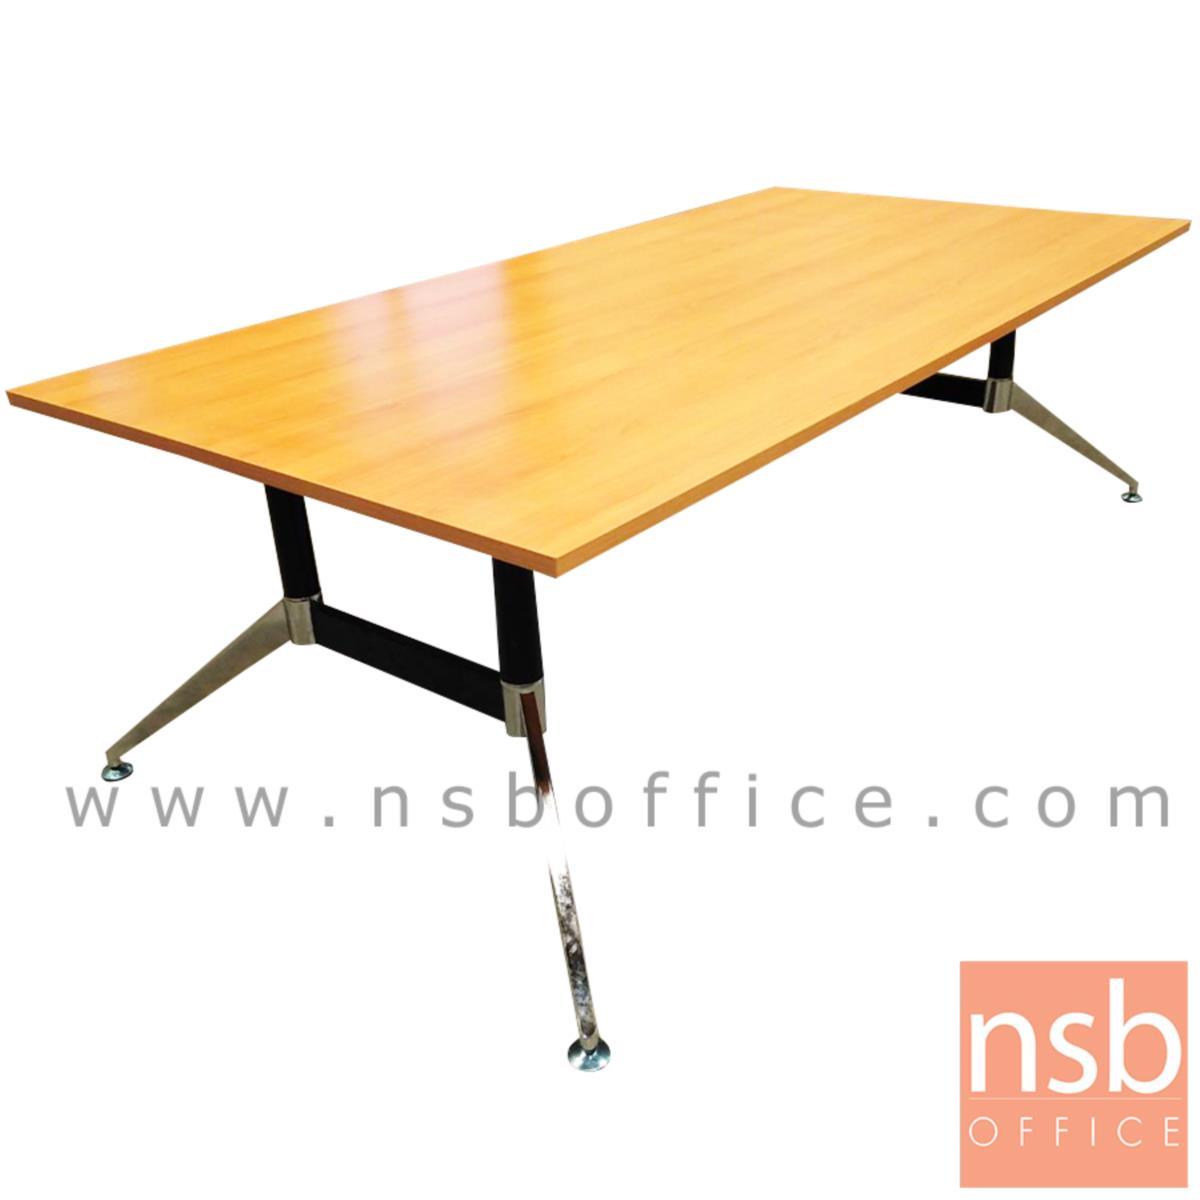 A25A008:โต๊ะประชุมทรงสี่เหลี่ยม 10 ที่นั่ง  รุ่น Ollivander (โอลิแวนเดอร์) ขนาด 240W cm. ขาเหล็กทรงหางปลา